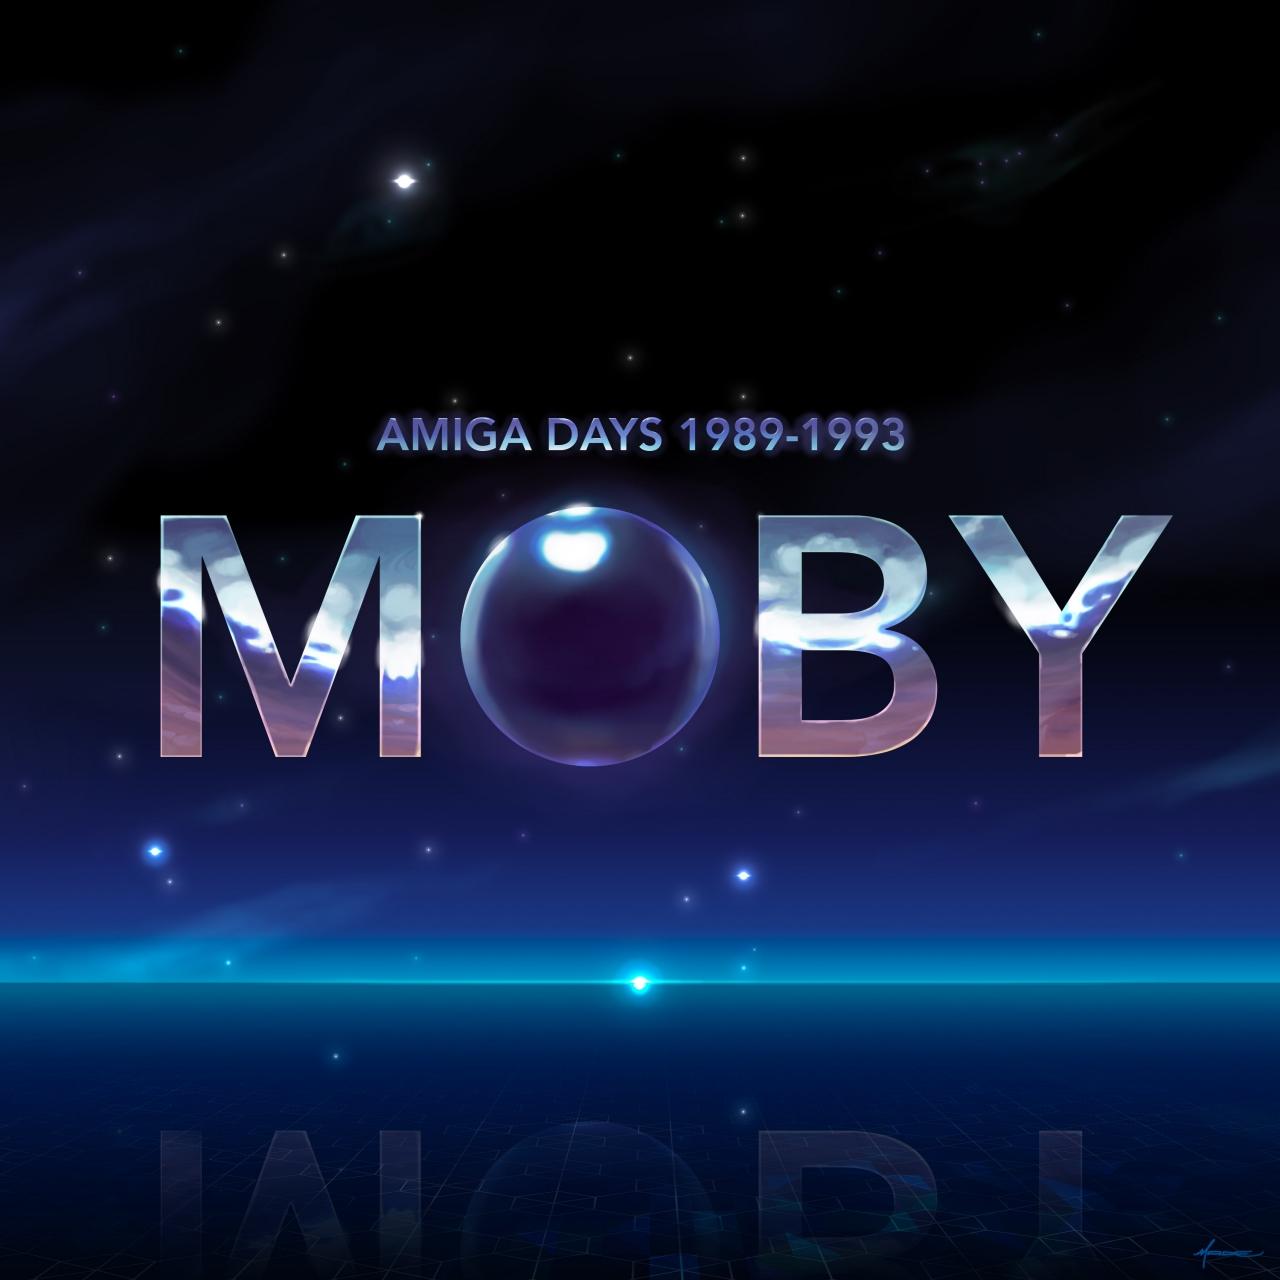 Amiga Days 1989-1993 cover art